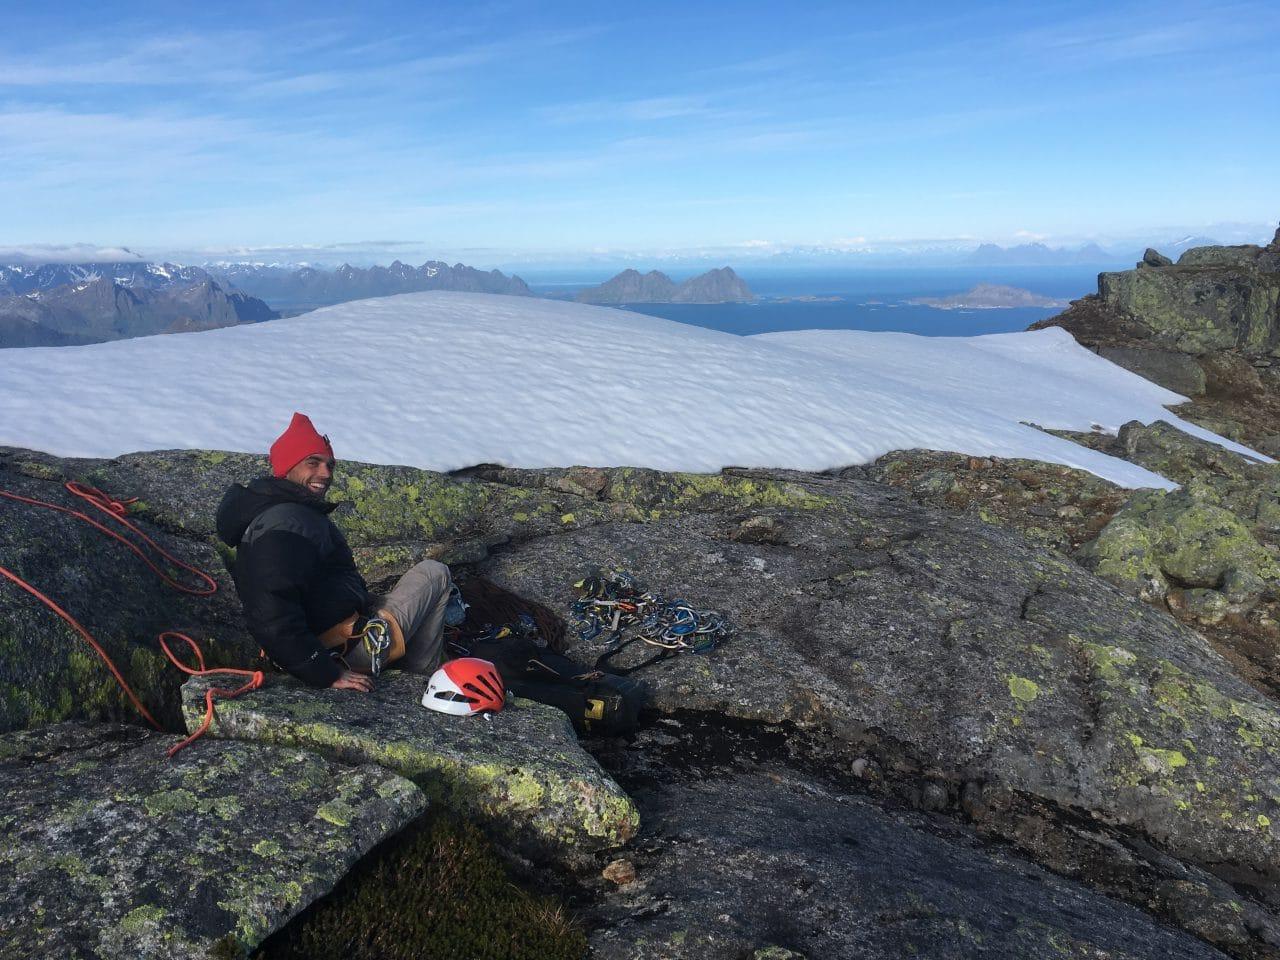 lofoten-norvege-escalade-voyage-helyum-yann-nussbaumer-5